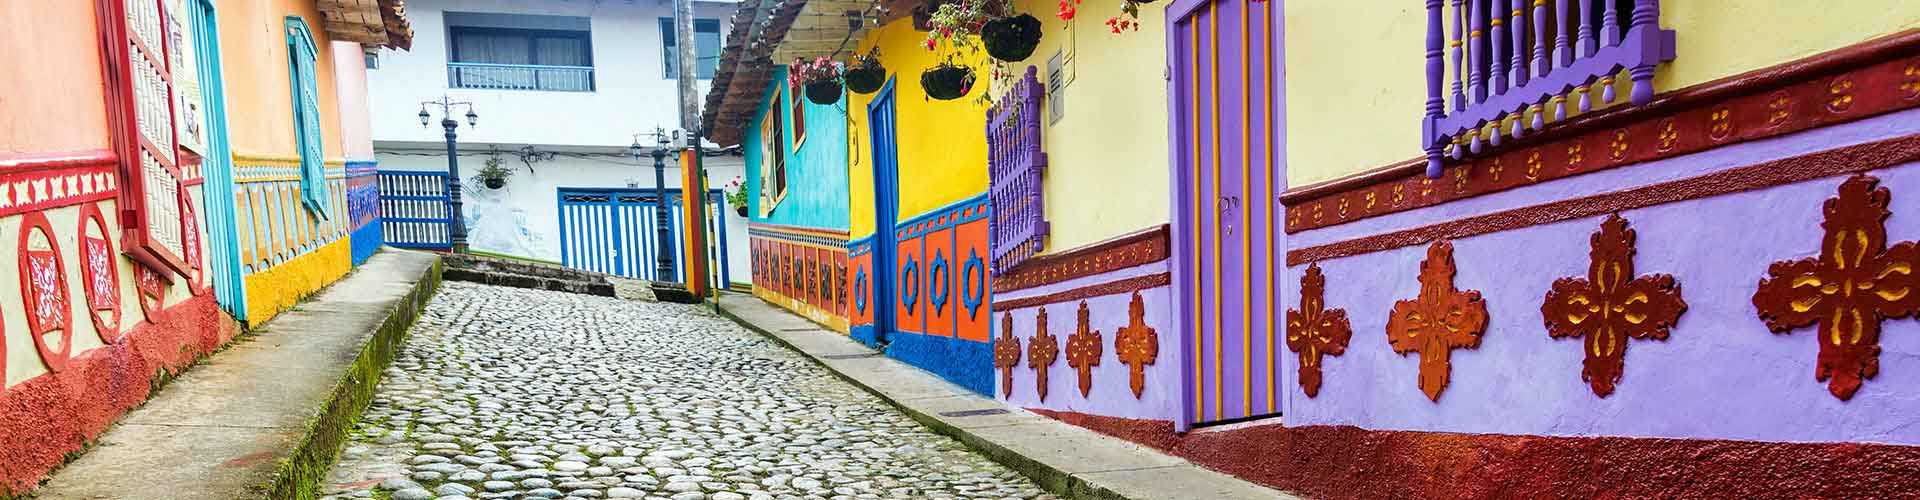 Medellin - Chambres à Medellin. Cartes pour Medellin, photos et commentaires pour chaque chambre à Medellin.